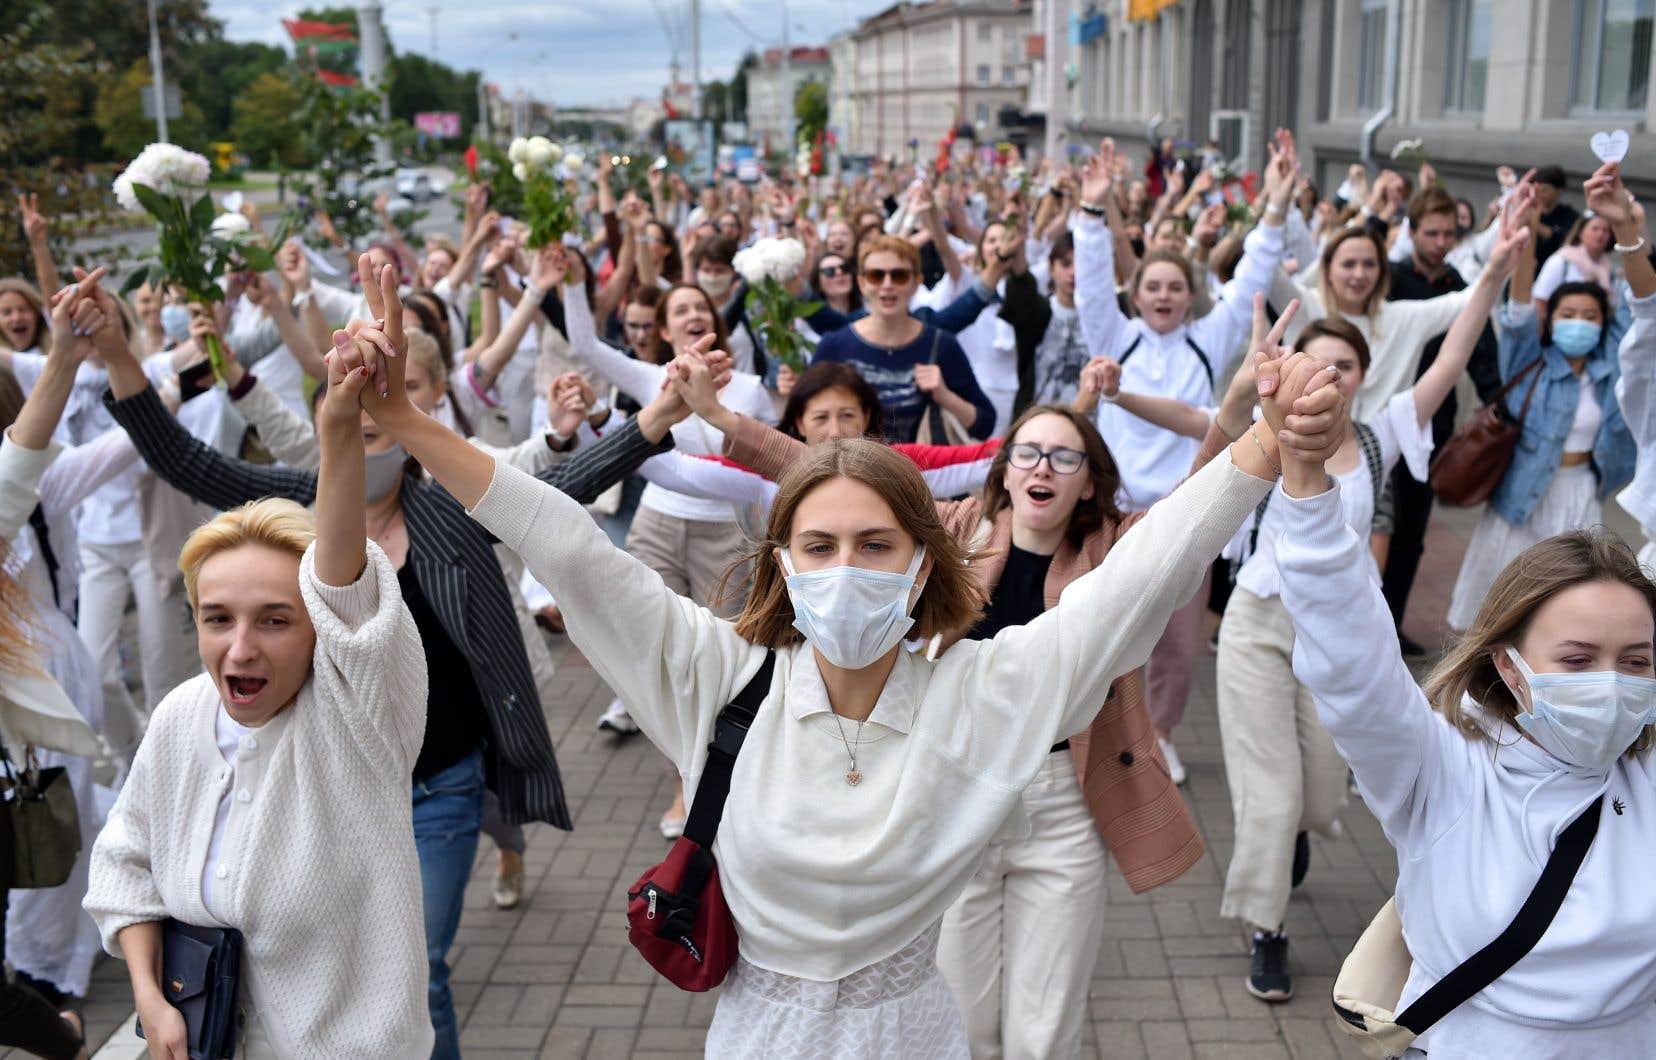 Les forces de sécurité ont au total arrêté quelque 6000 personnes à la Biélorussie depuis dimanche, sans que l'on sache combien sont encore détenues.